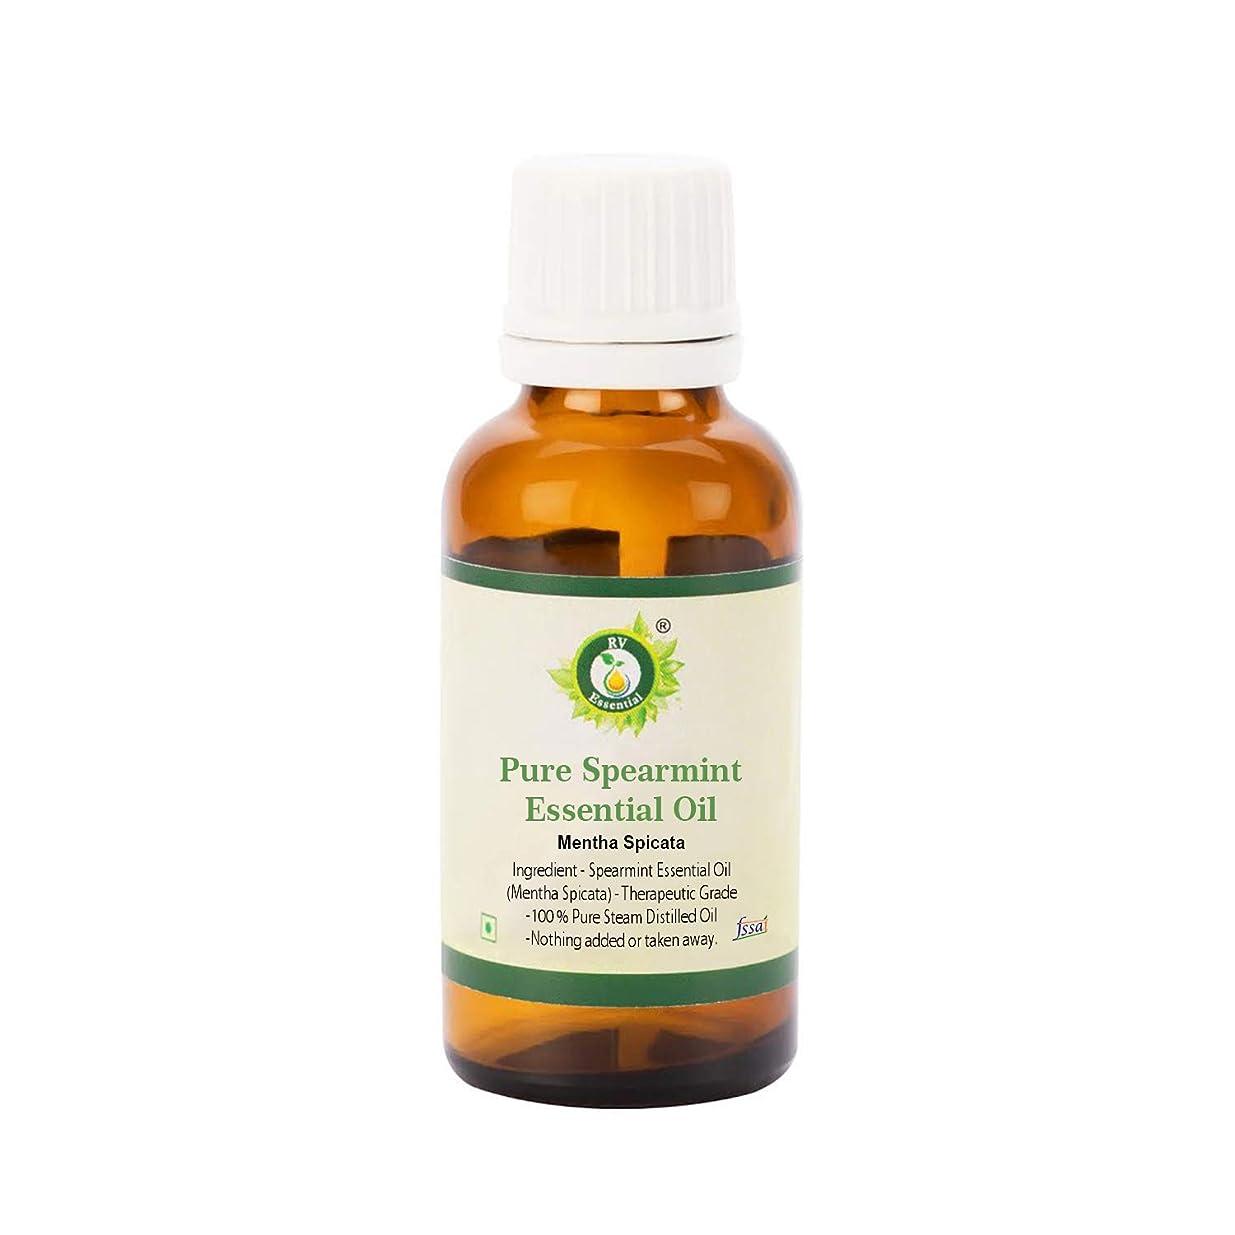 通行料金放棄海峡R V Essential ピュアスペアミントエッセンシャルオイル300ml (10oz)- Mentha Spicata (100%純粋&天然スチームDistilled) Pure Spearmint Essential Oil